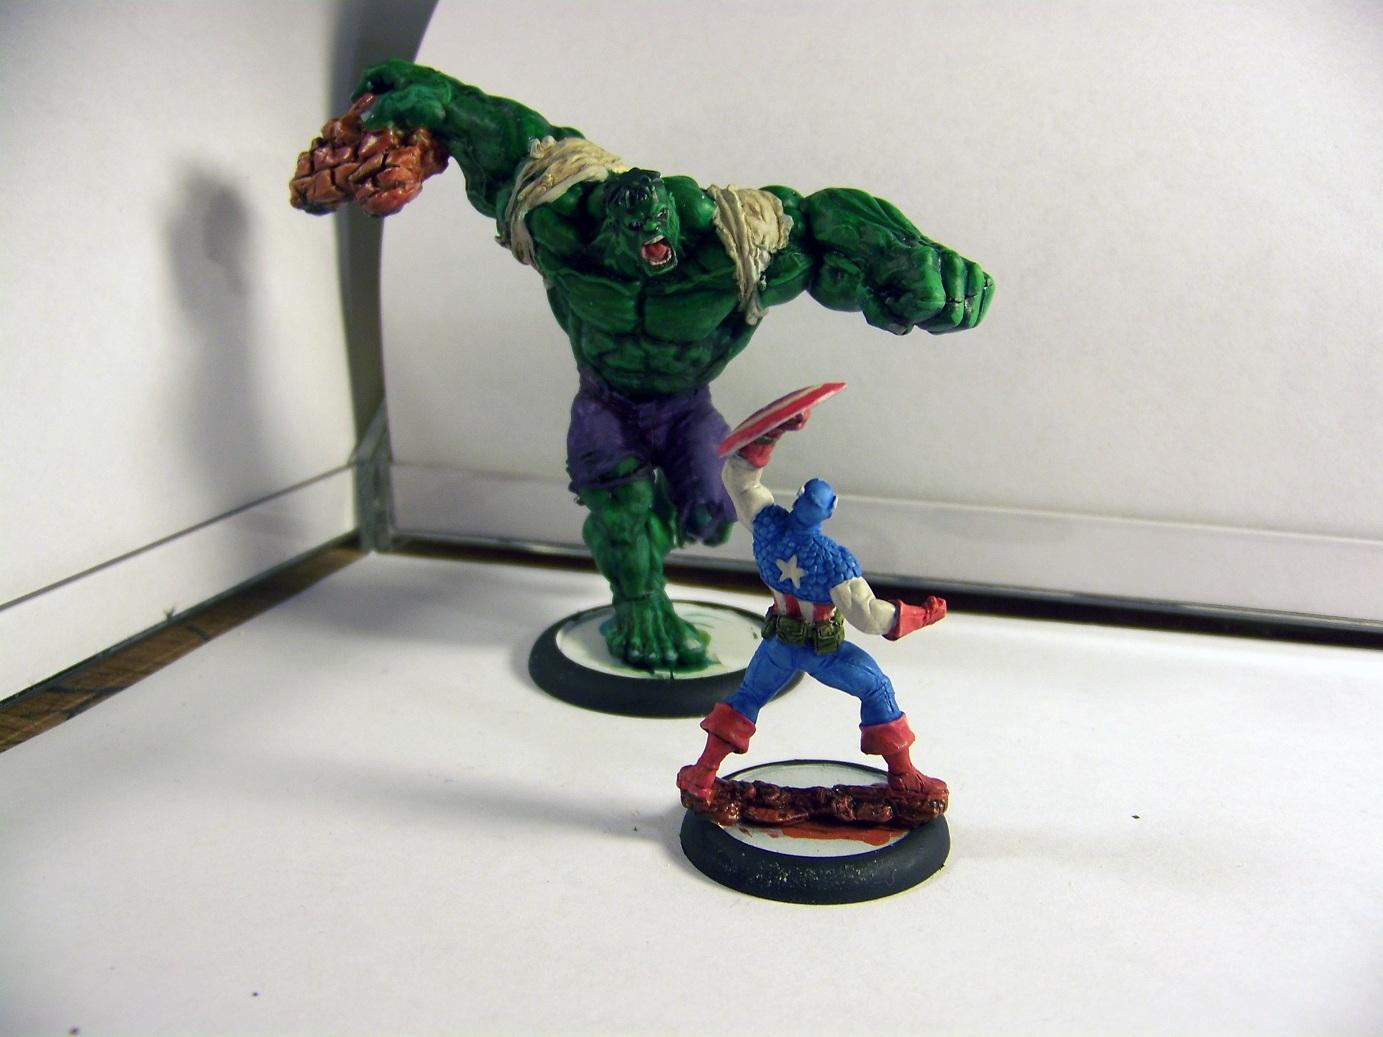 Captain America, Hulk, Knight Models, Marvel